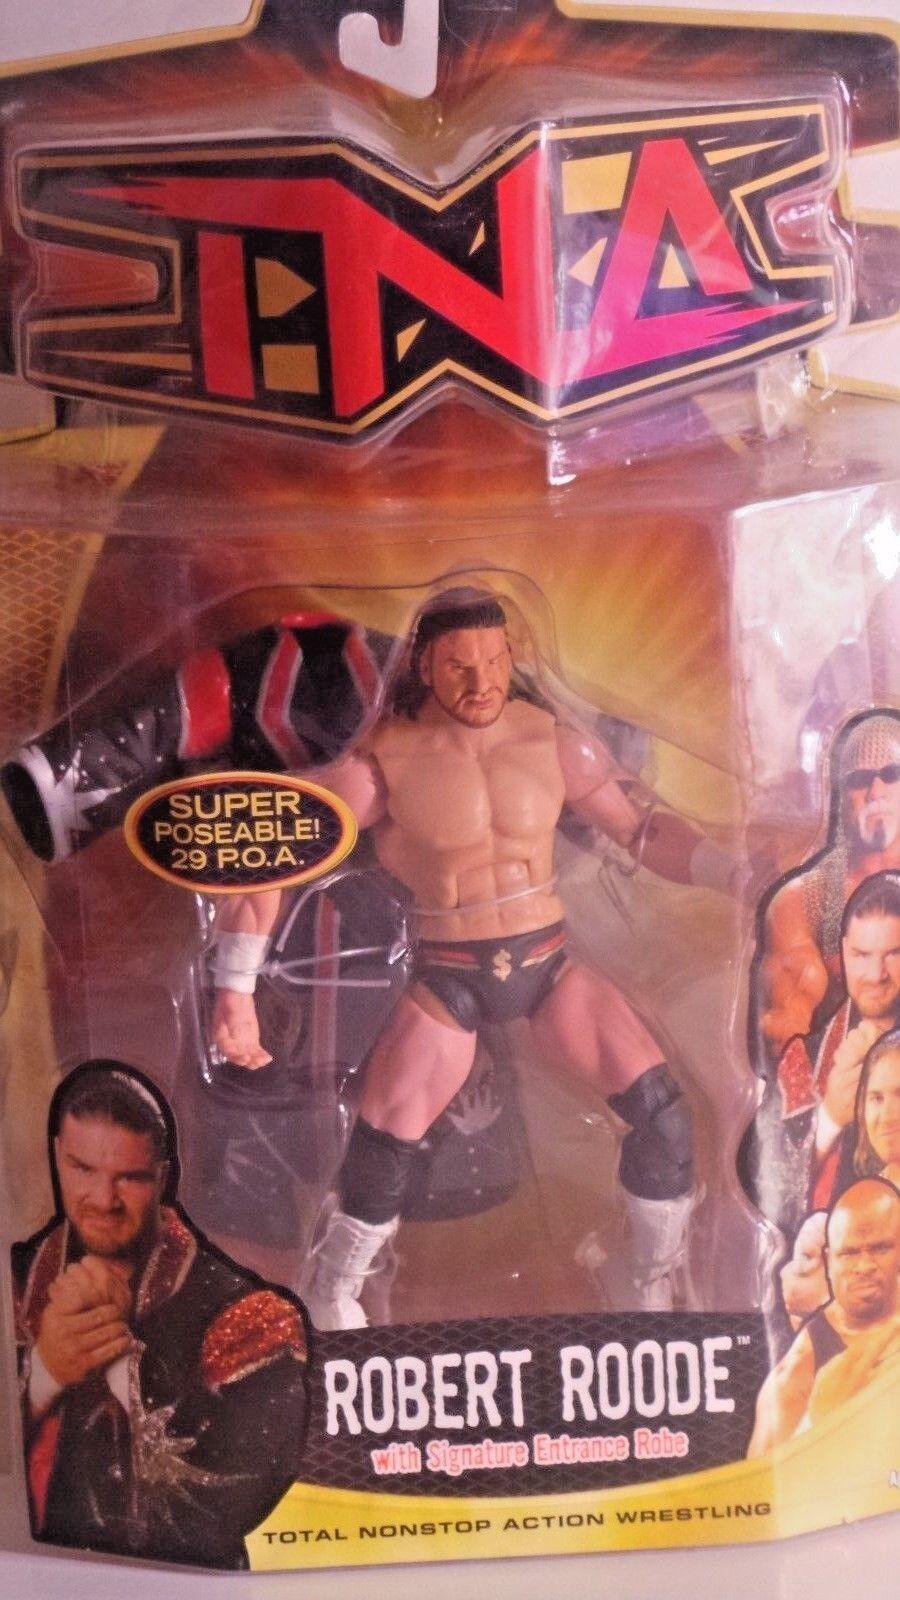 TNA ROBERT ROODE ACTION FIGURE (013)